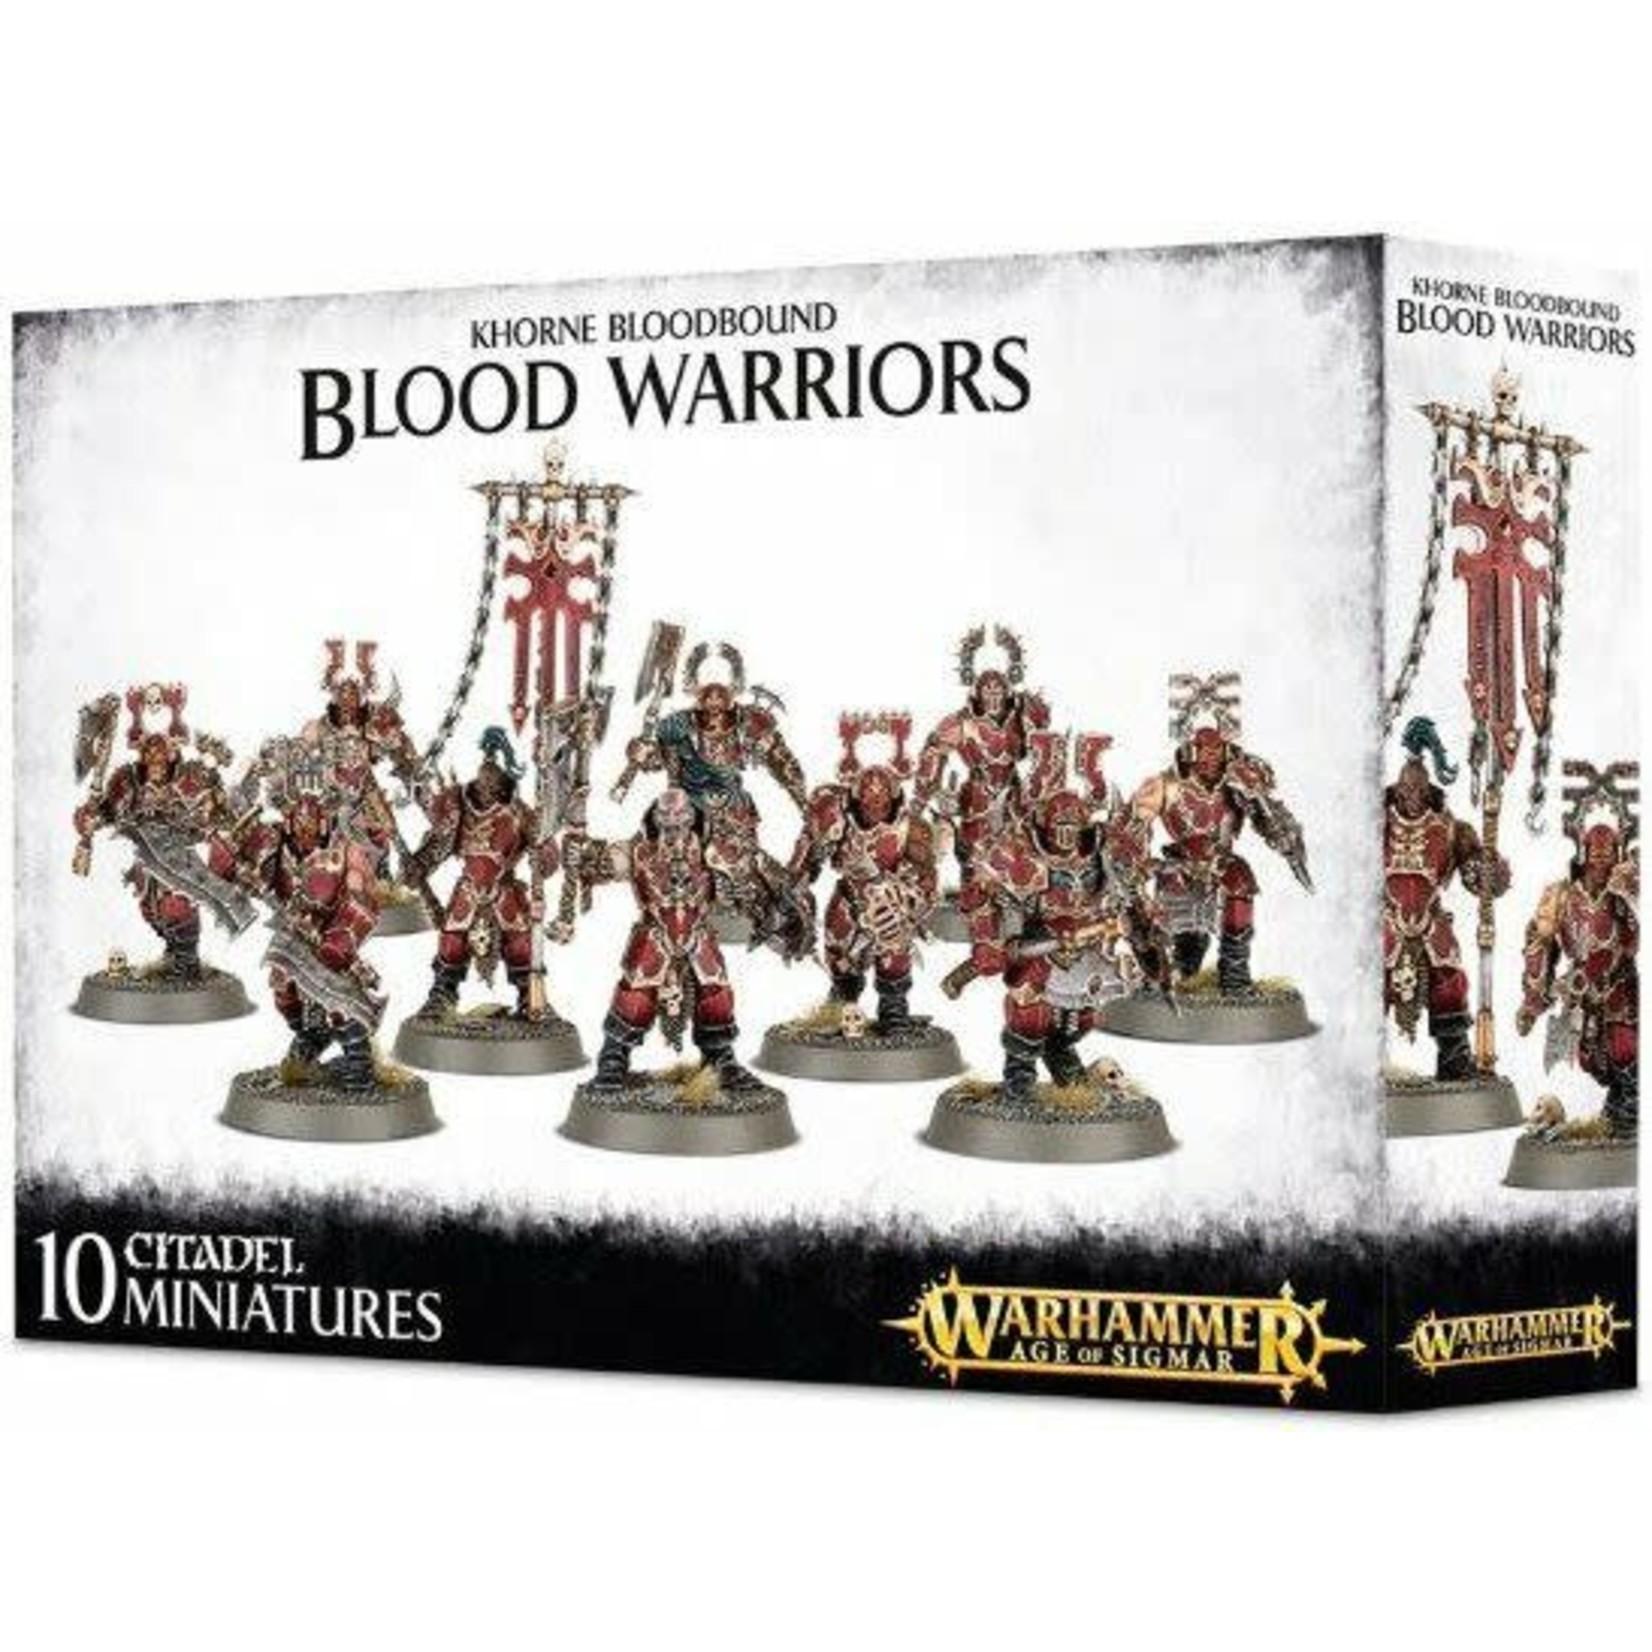 Games Workshop Warhammer Age of Sigmar: Khorne Bloodbound: Blood Warriors